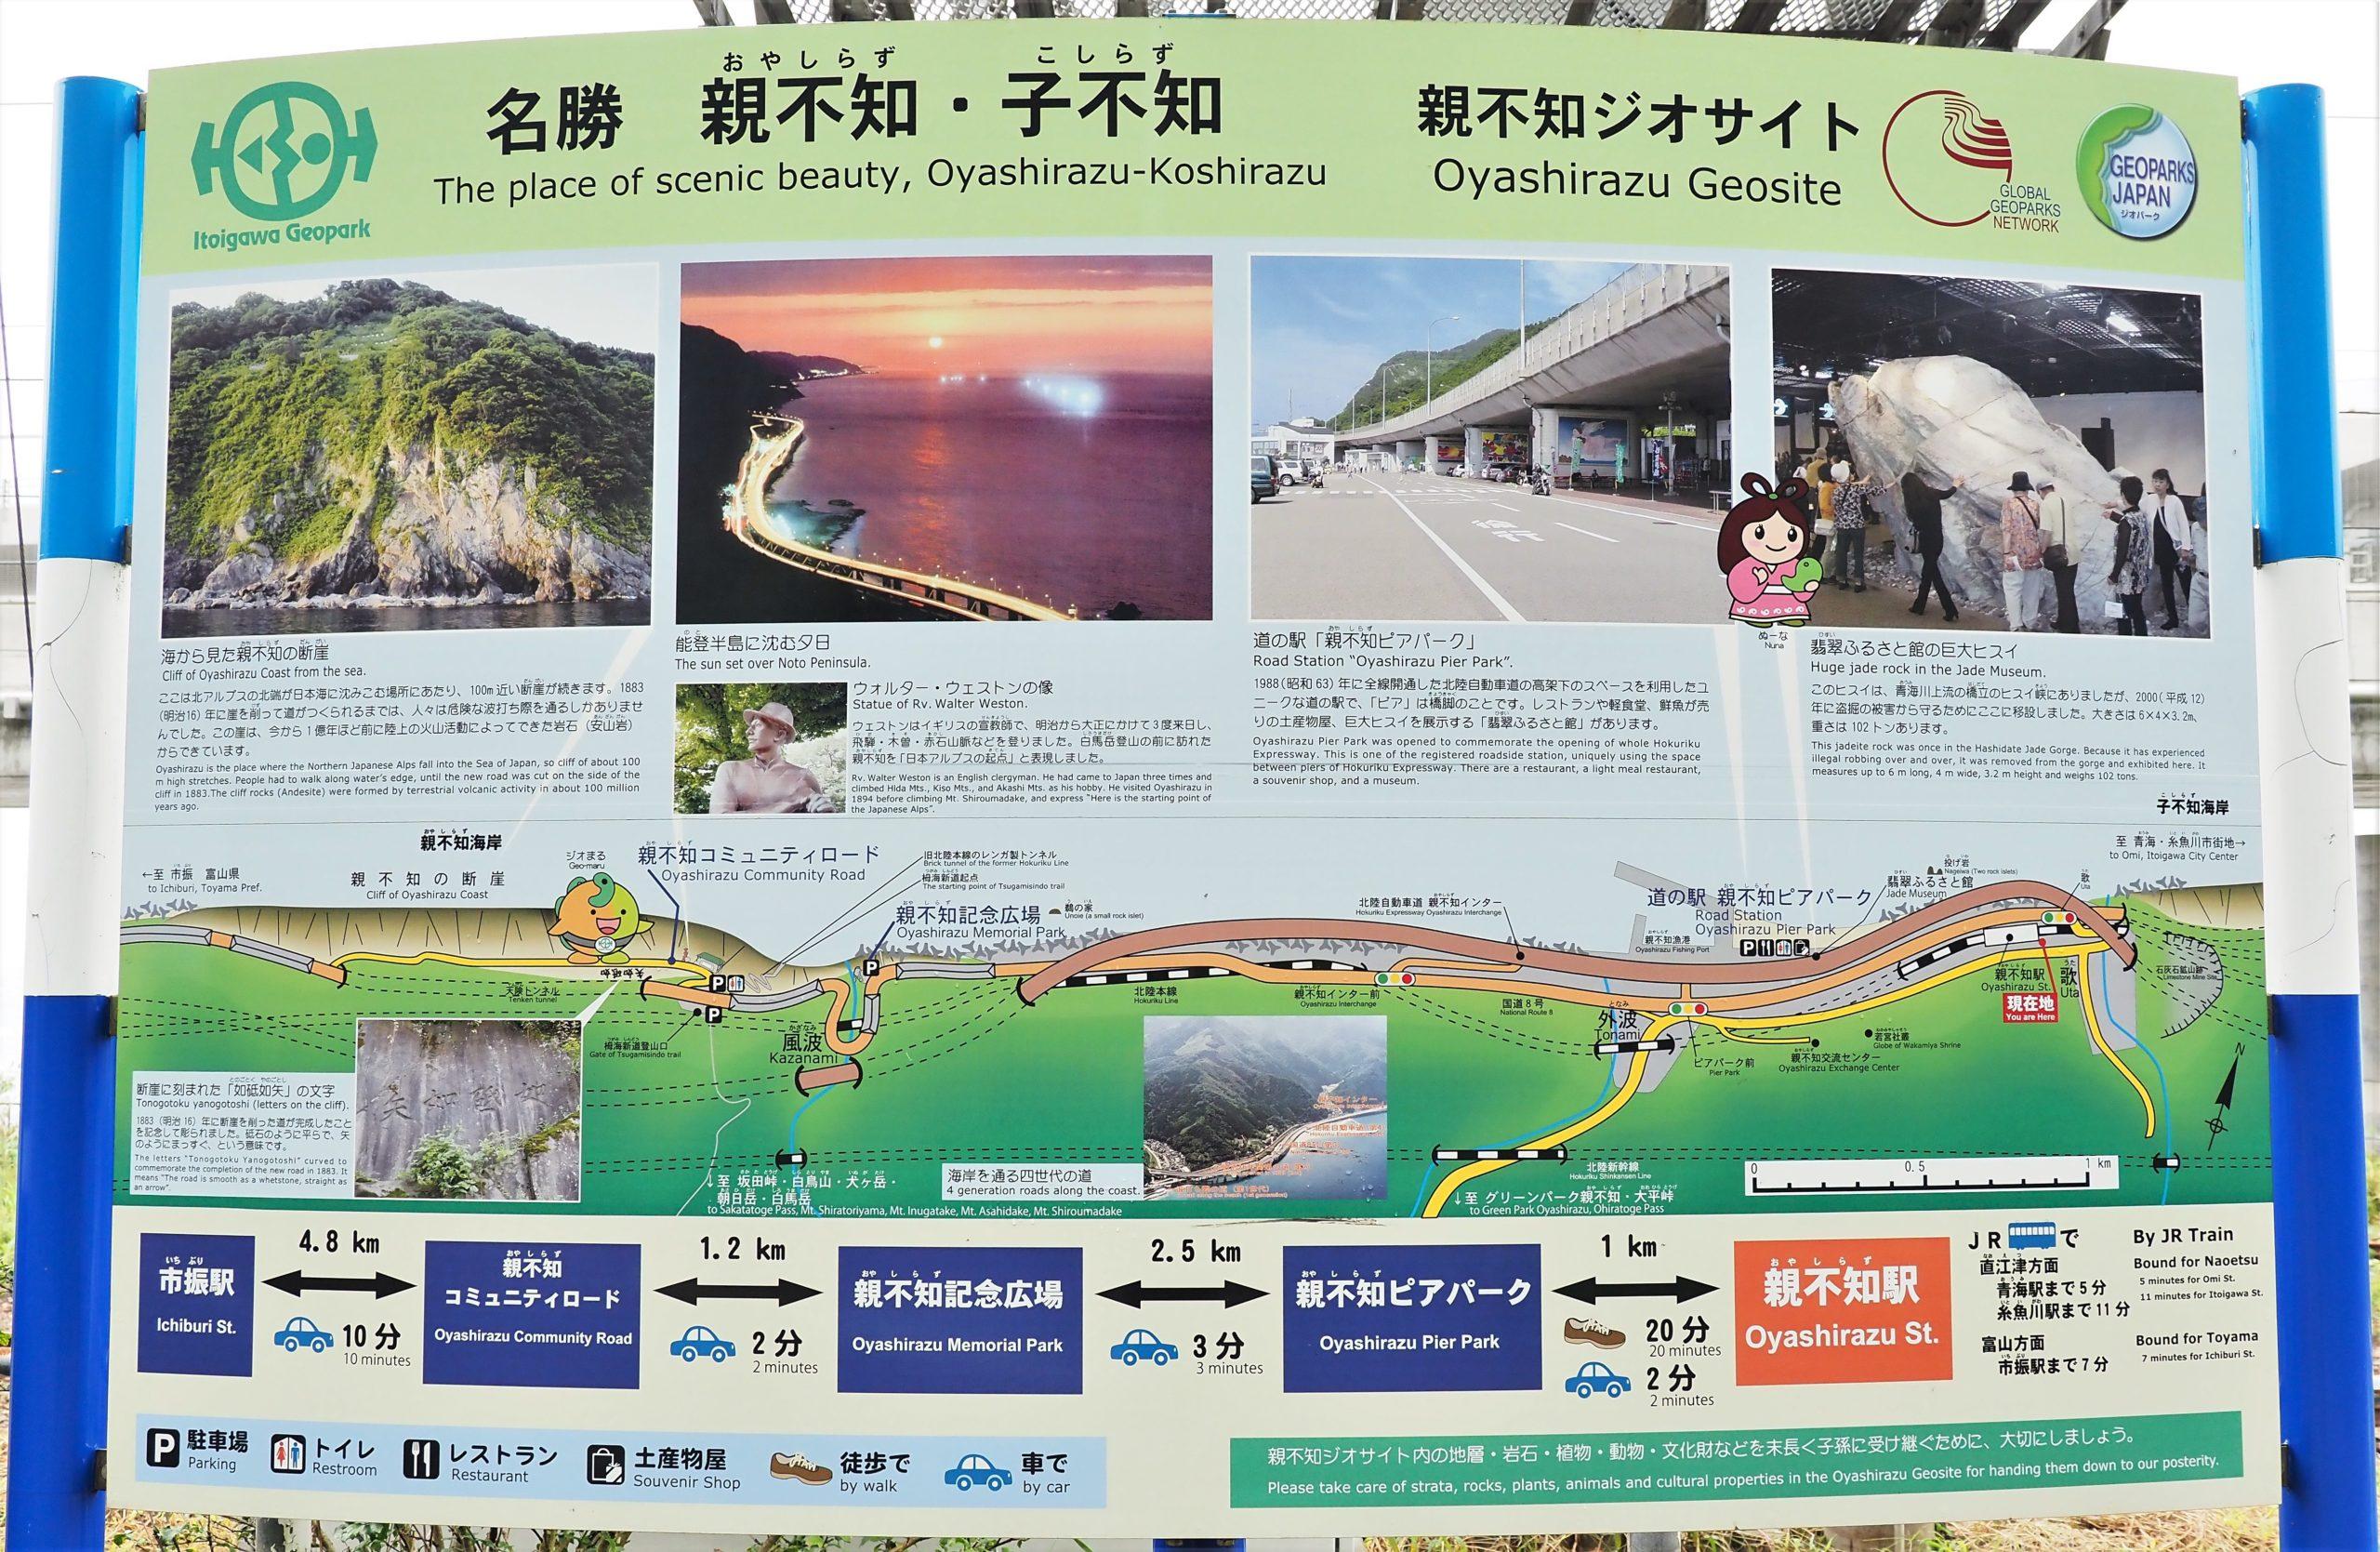 新潟県 親不知駅